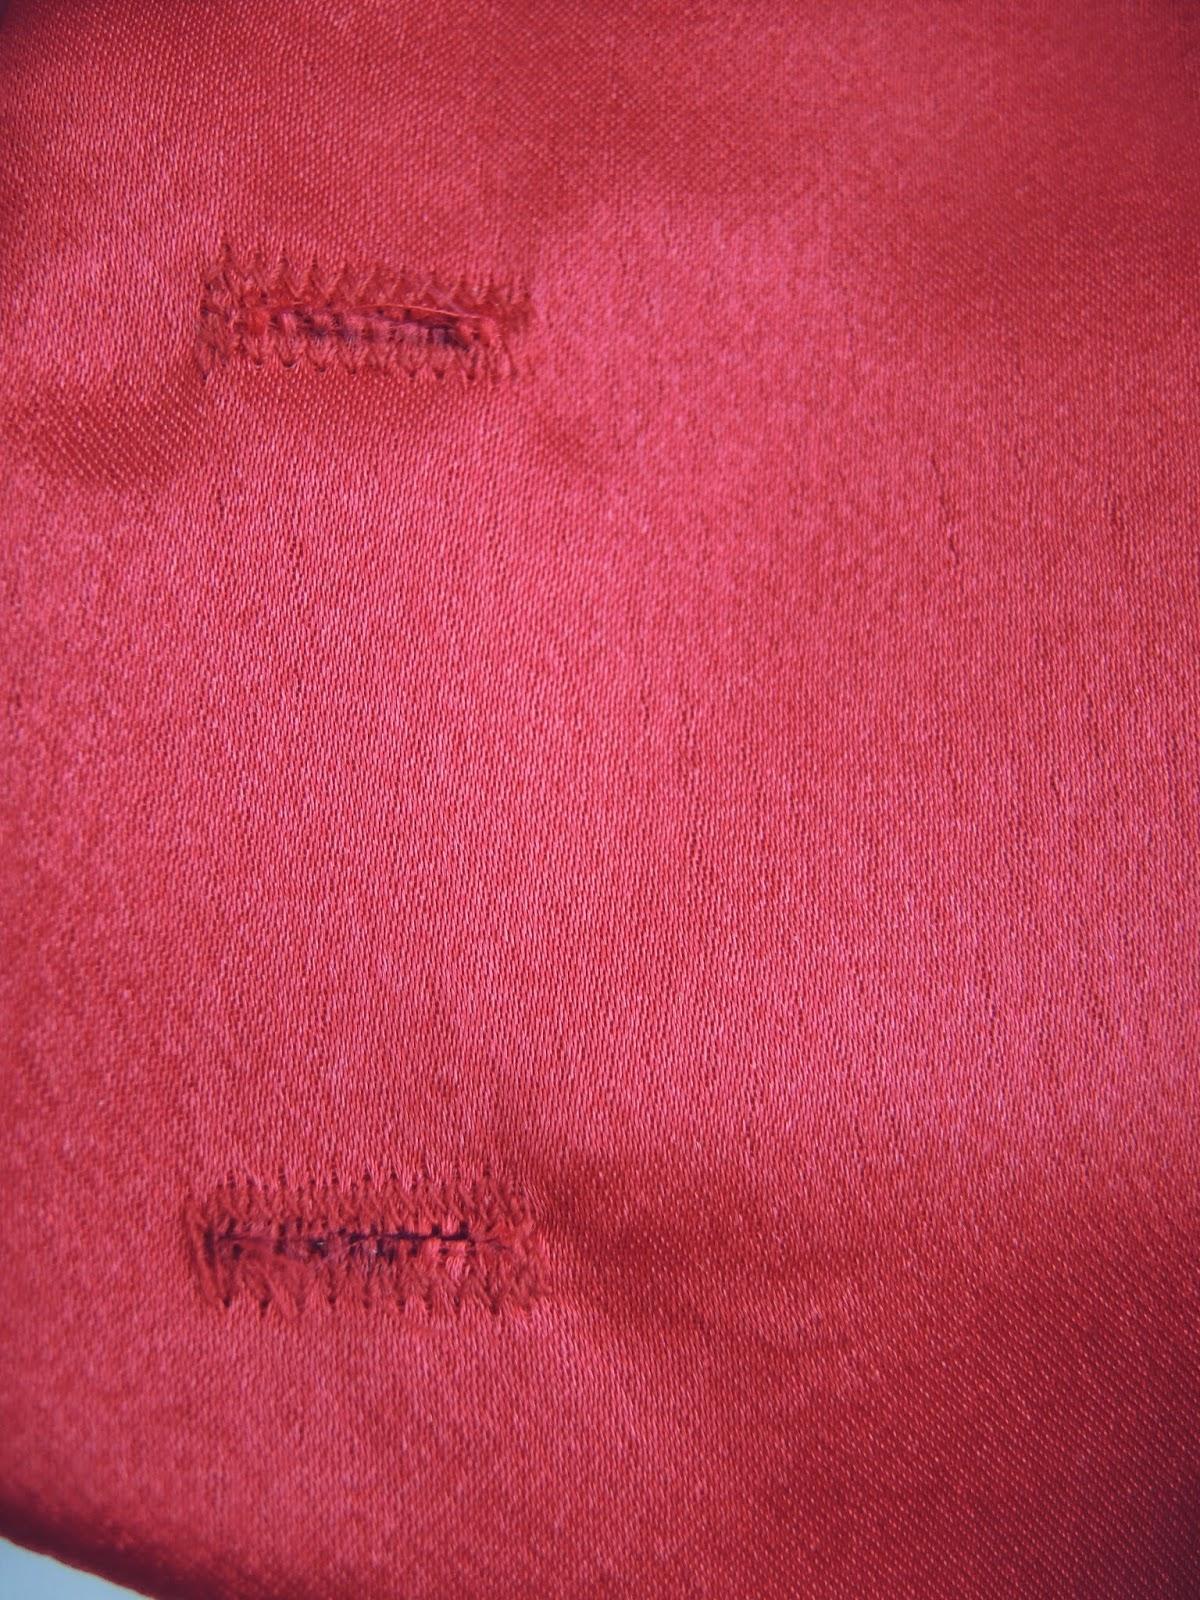 жилет жилетка жилет мужской описание жилета жилет для мальчика ткань новогодний костюм